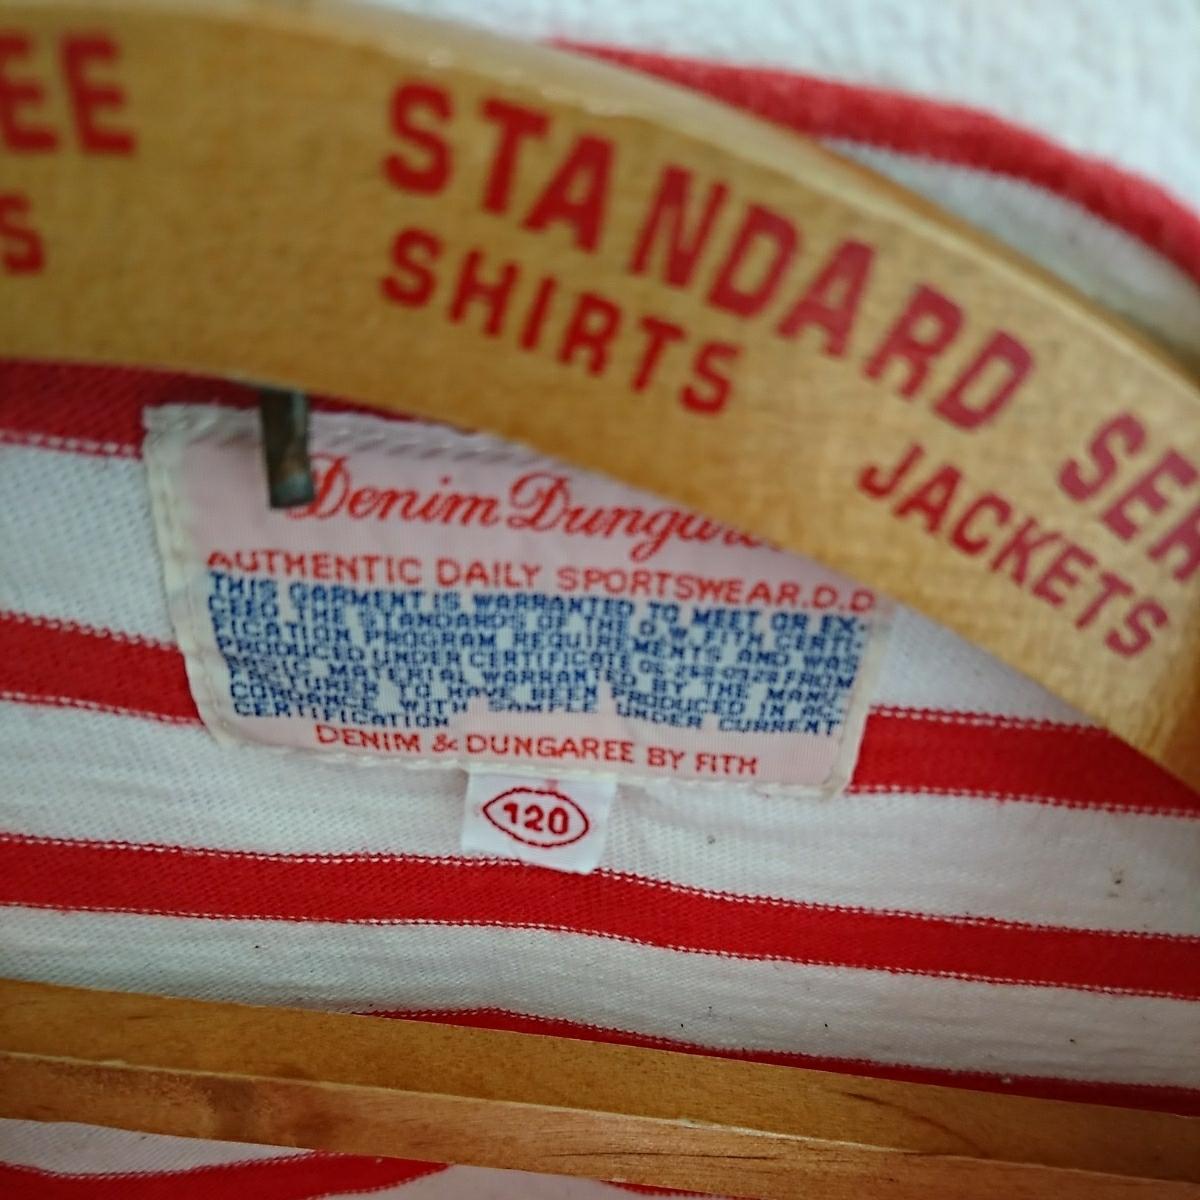 DENIM DUNGAREE ボーダーTシャツ 120 レッド FITH ゴートゥーハリウッド GO TO HOLLYWOOD デニム&ダンガリー 半袖 カットソー_画像2